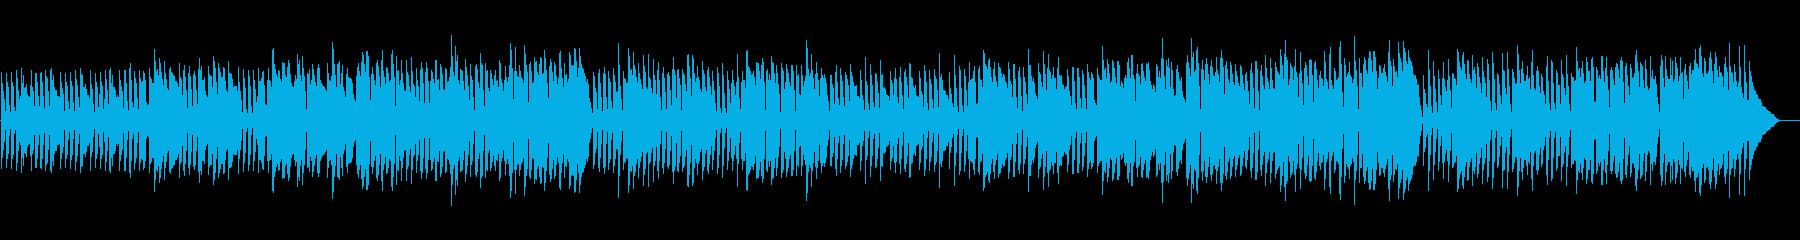 オーボエとピアノの優雅な日常系ワルツの再生済みの波形